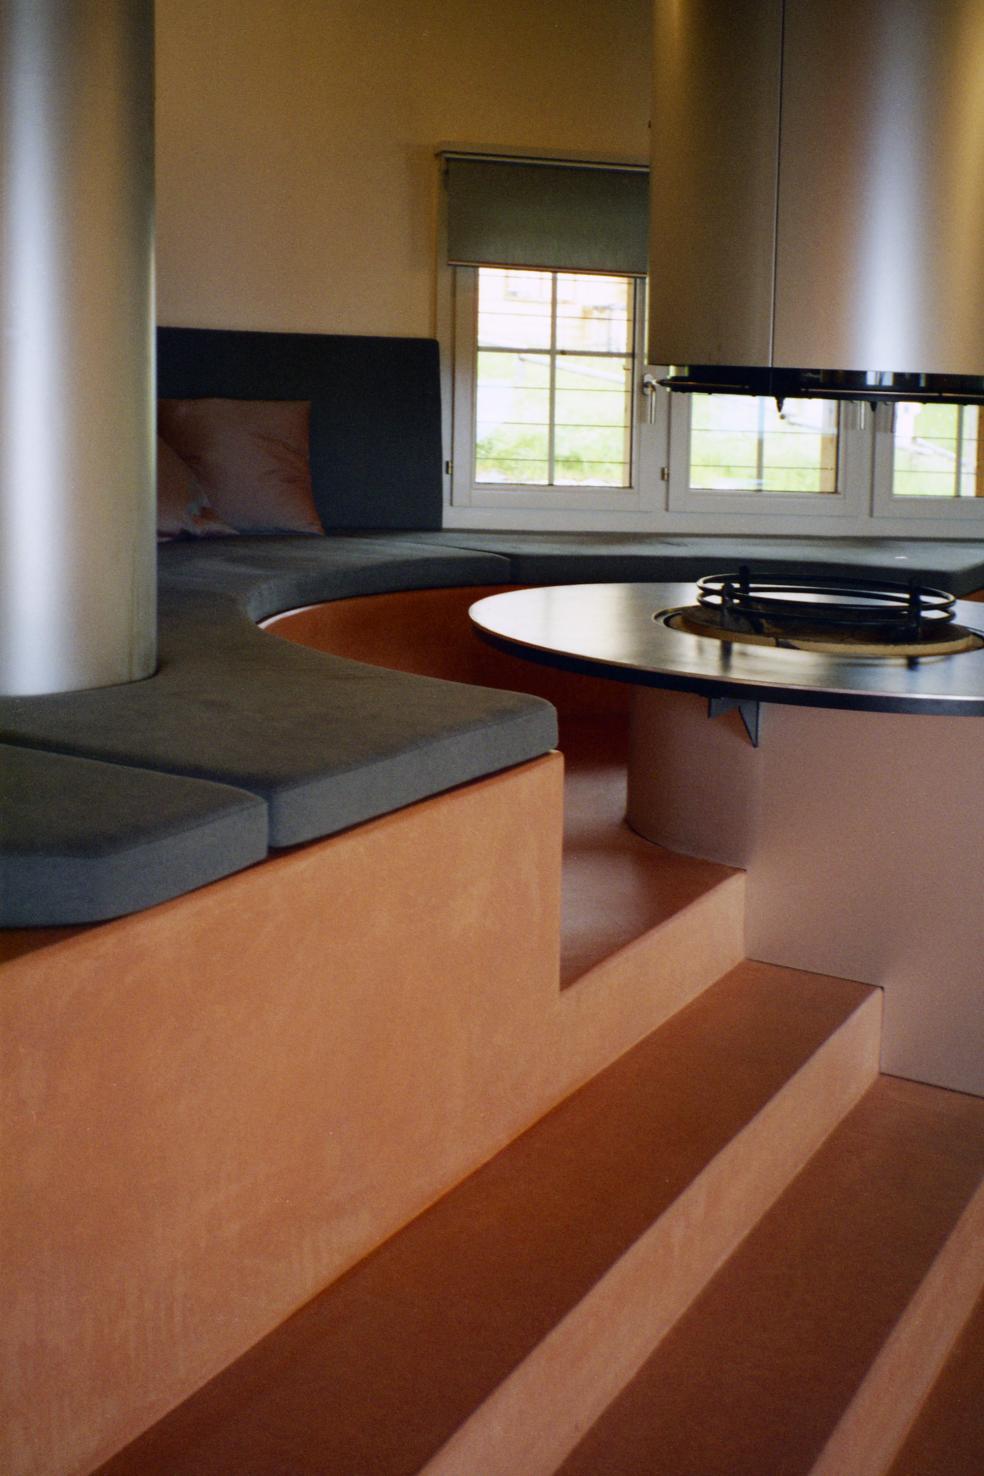 Ferienhaus Lenzerheide mit Bodarto modern interpretiert